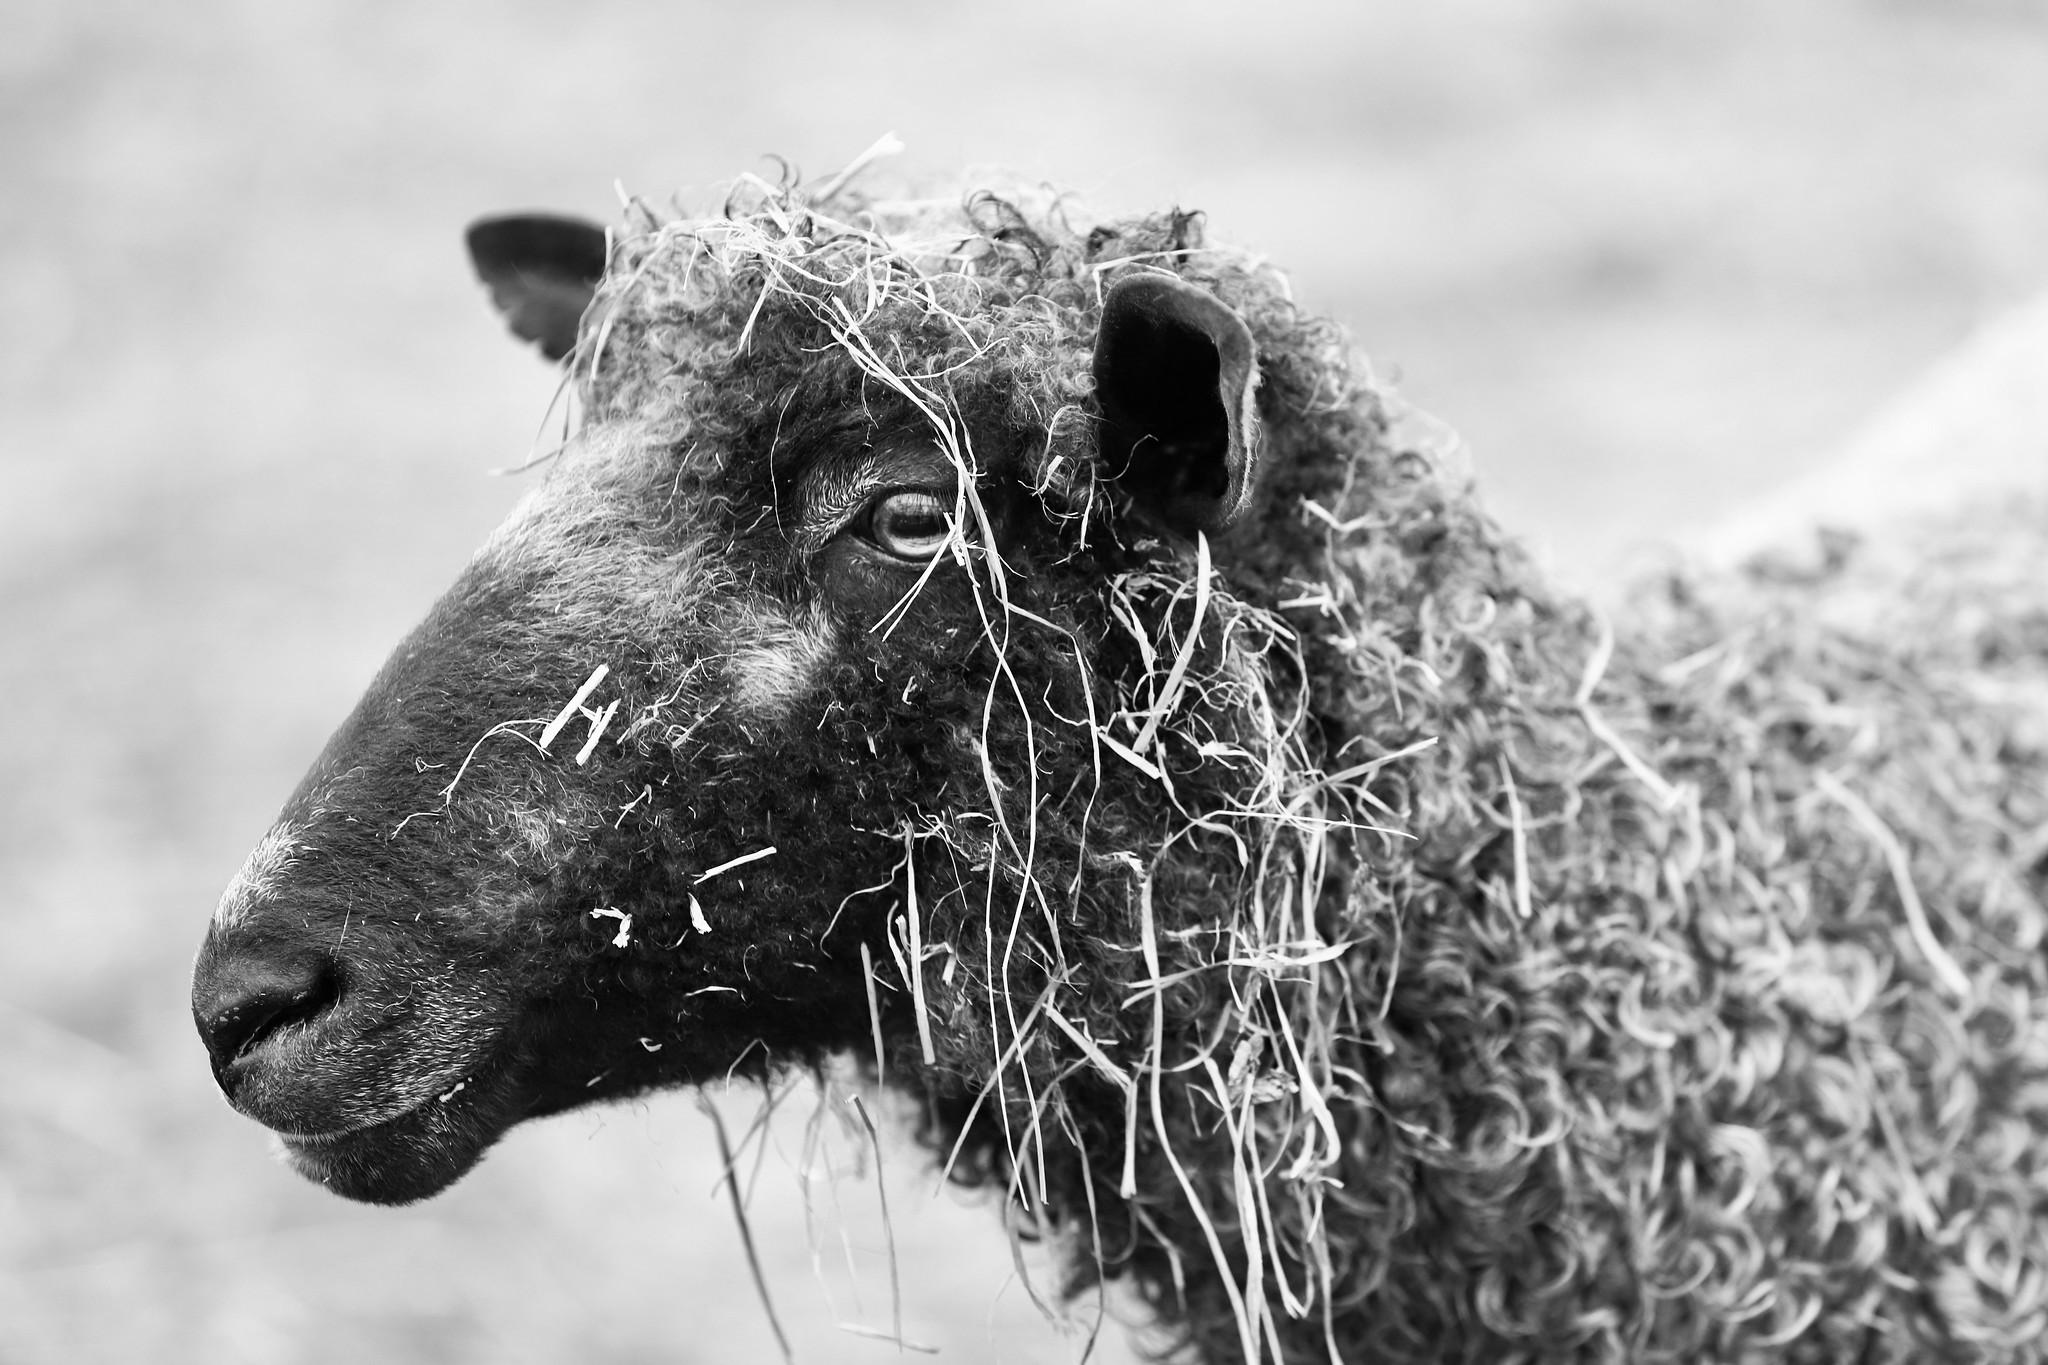 Sawkill Farm Sheep